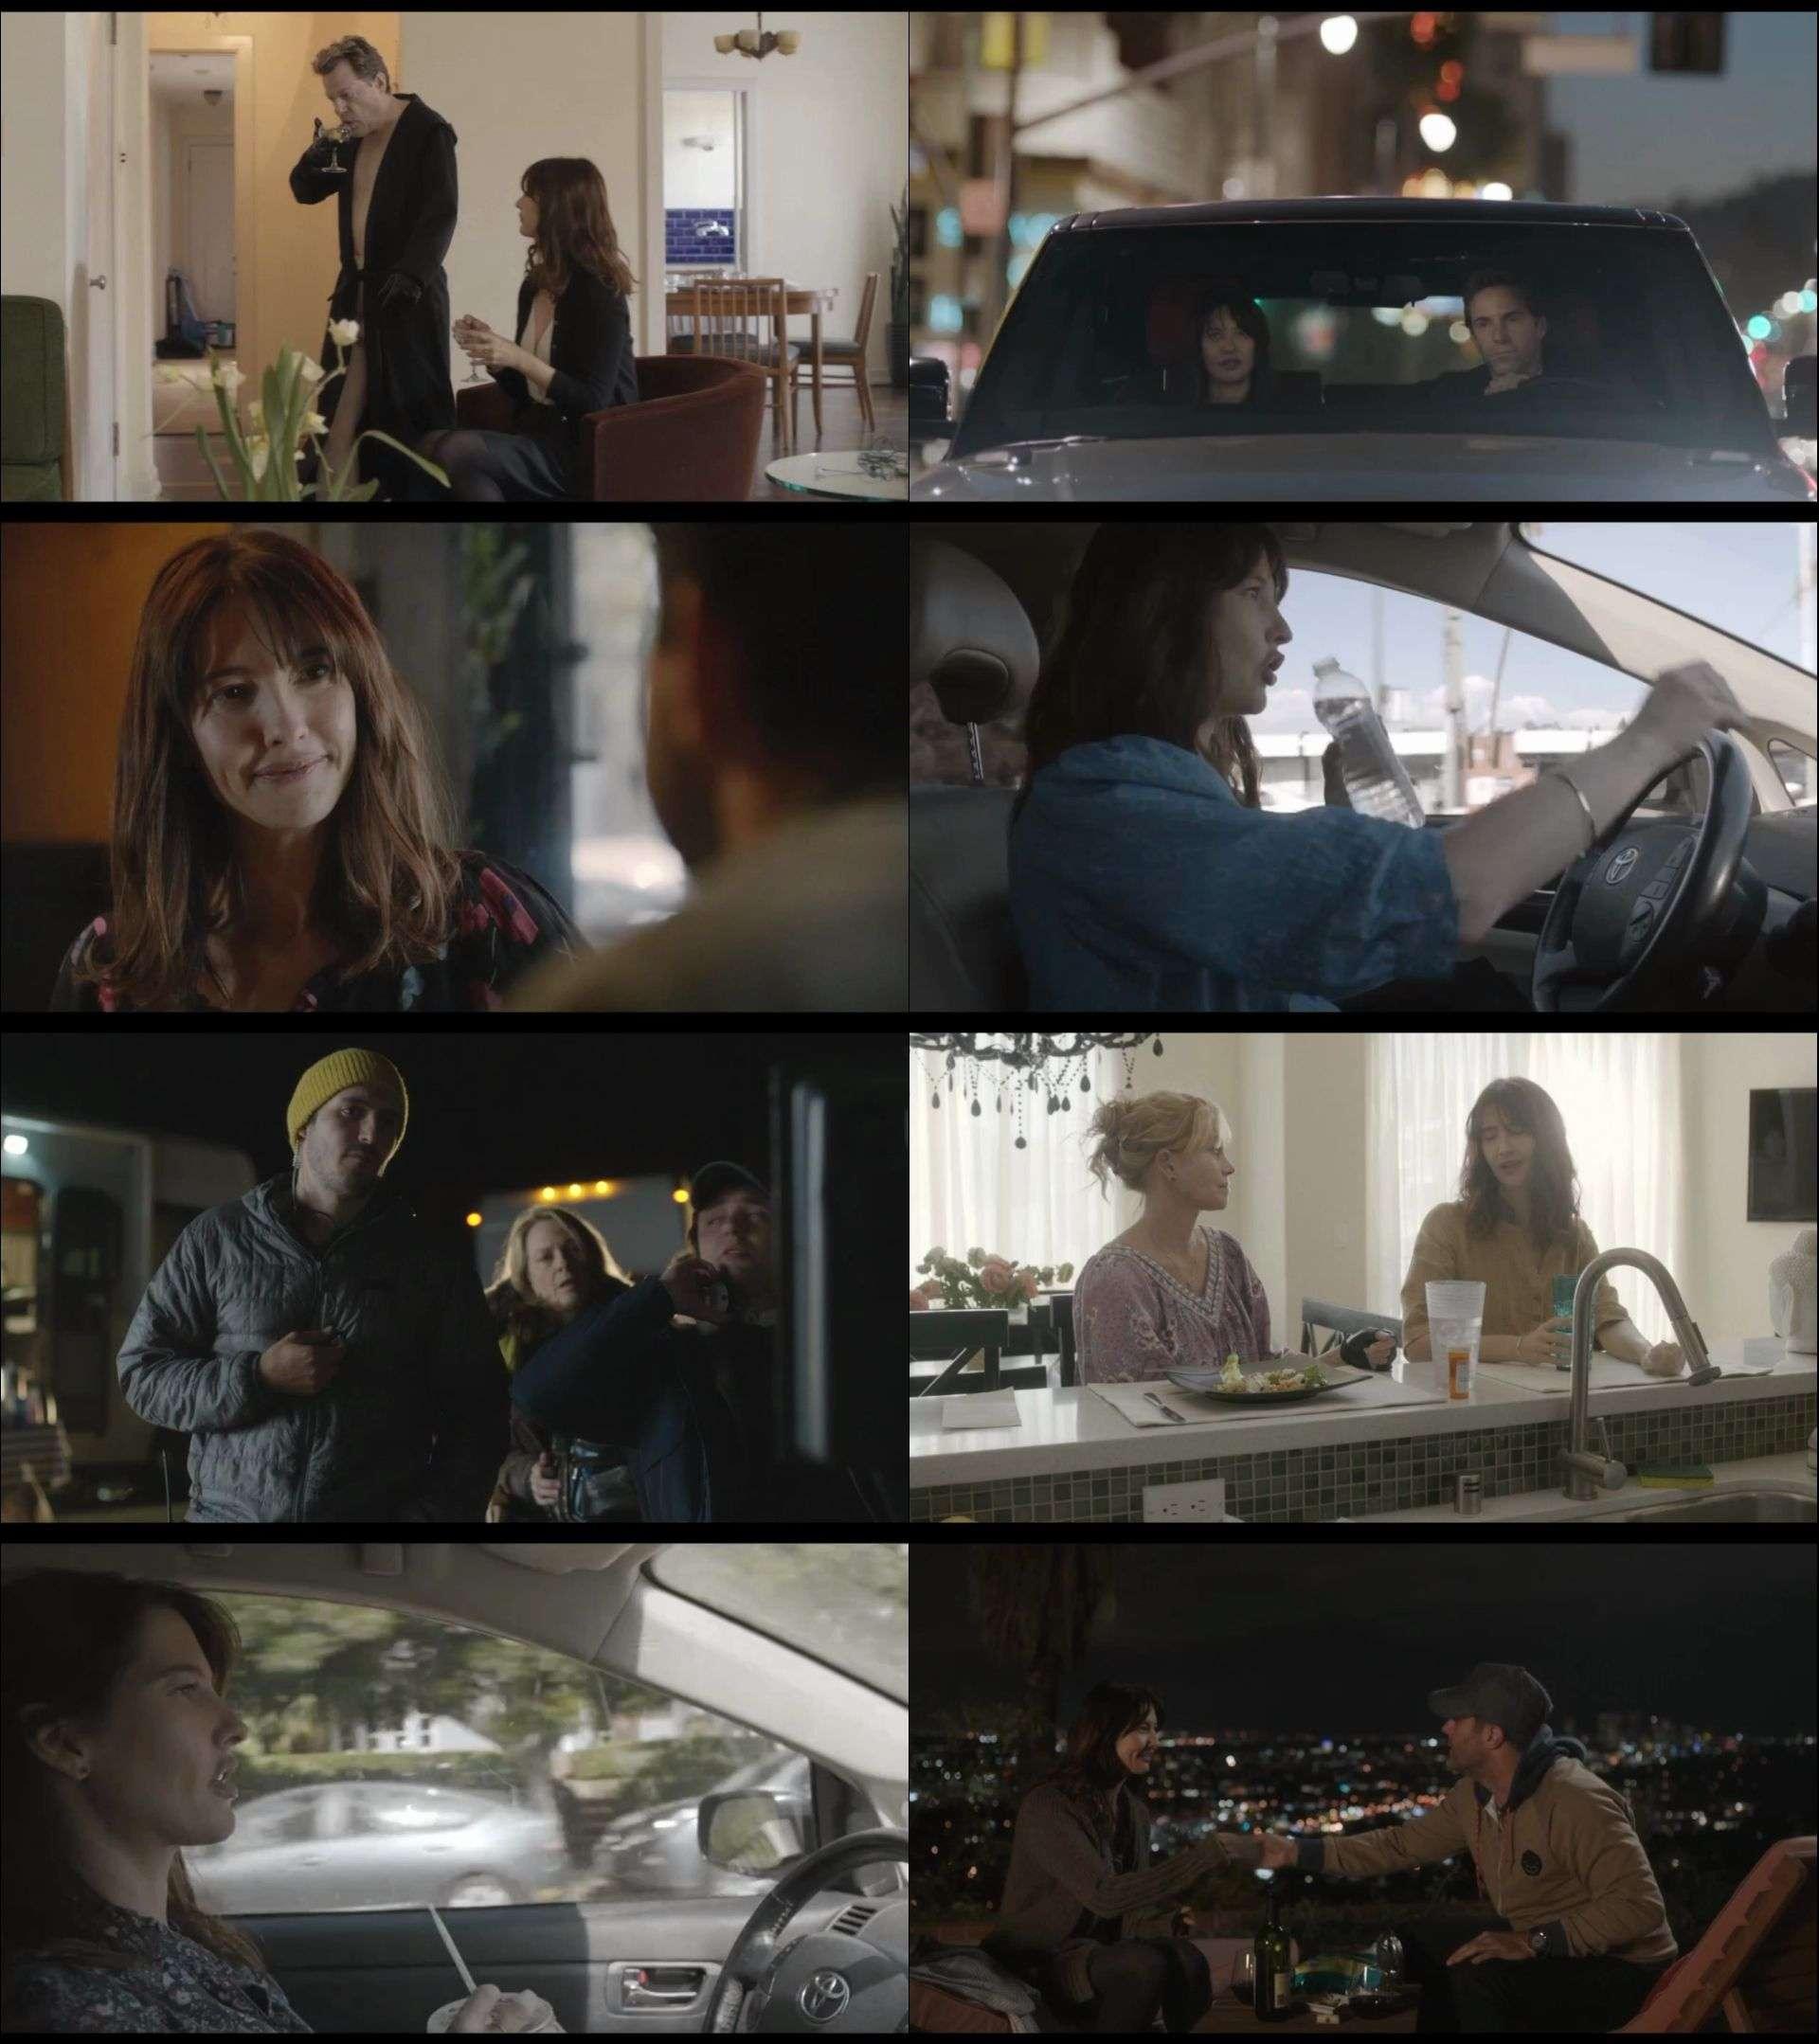 Günlerden Bir Gün - Day Out of Days (2015) türkçe dublaj hd film indir